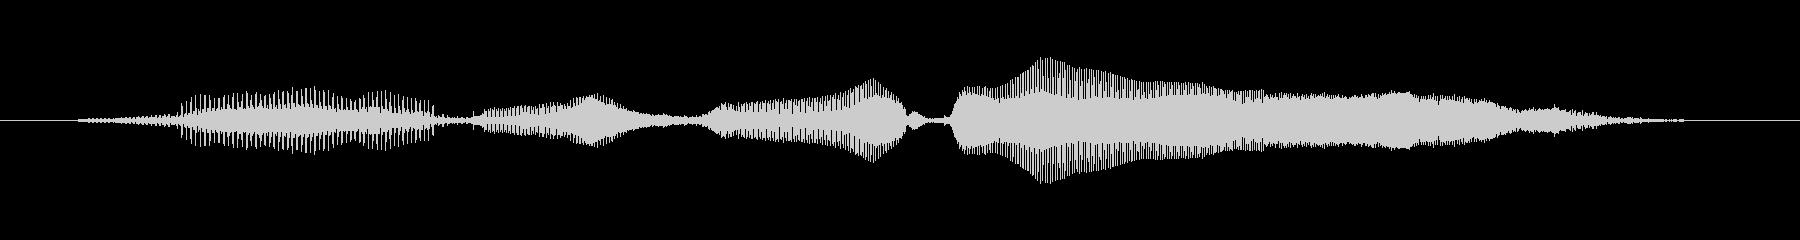 なるほどぉ(のんびり)の未再生の波形